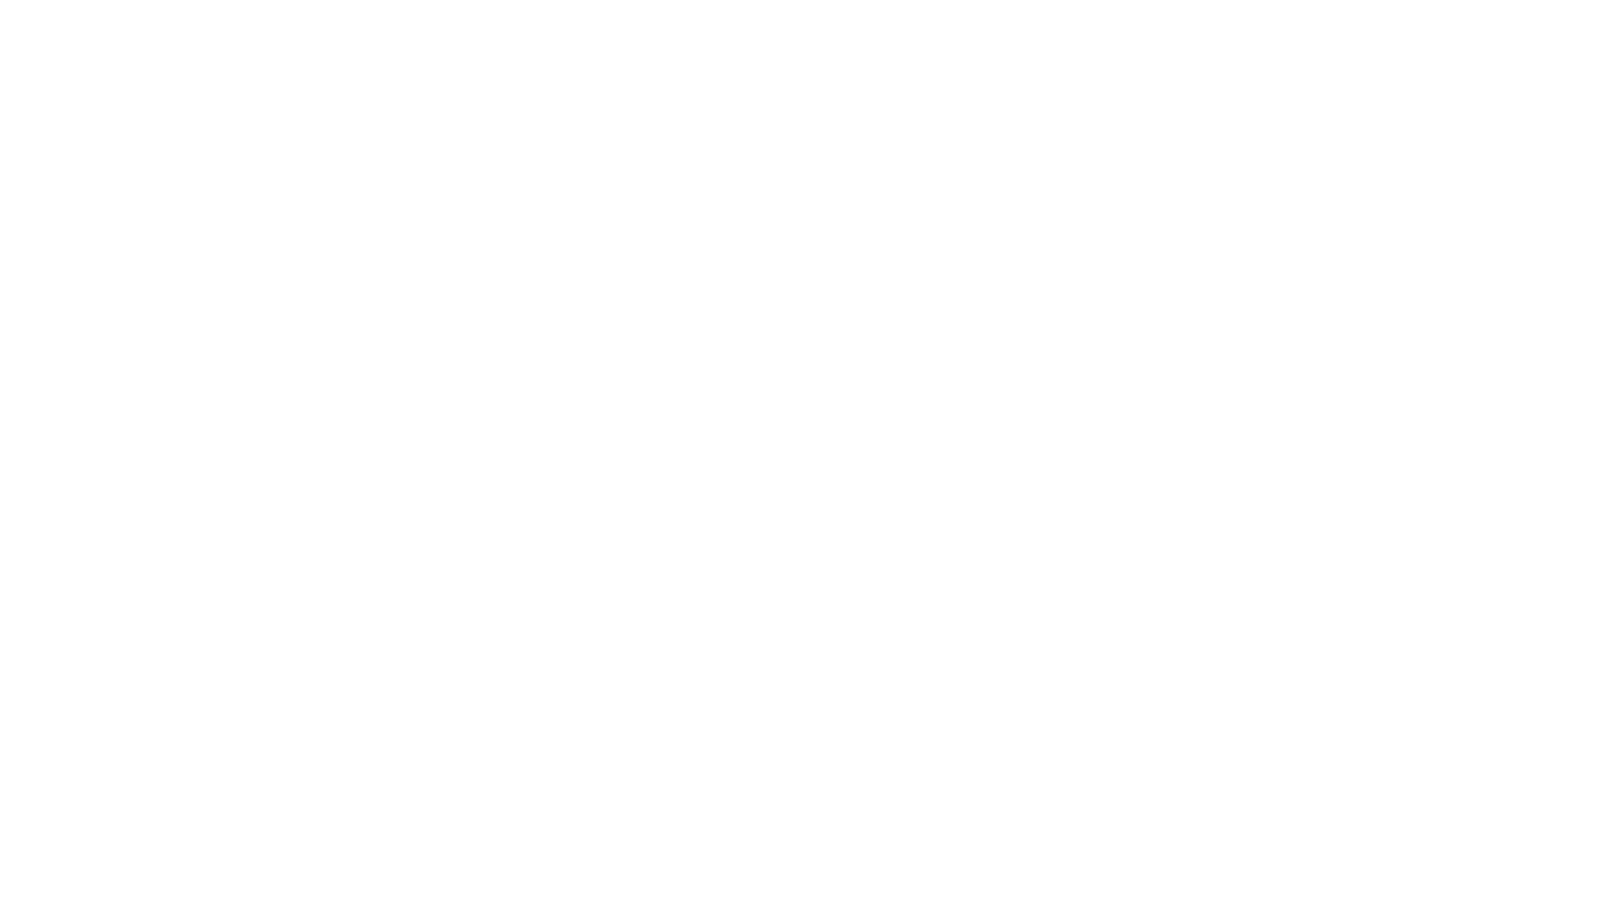 📌Nueva sección: Tiempo de Hablar. Donde se habla de mi visión de la Cirugía Plástica y lo que gravita alrededor de ella. Con mi opinión que es personal, temporal y no debe usarse como regla general. ESPERO QUE LES GUSTE.   📲 Compártelo si crees que esto le puede interesar a alguien.  ✅🛎 Si quieres más videos e información sobre los mejores tratamientos en cirugía plástica y medicina estética, haz clic en ME GUSTA, suscríbete a mi canal o haz tu consulta en mi página web.  Sígueme en las redes sociales. 👉 Web oficial: http://rodrigomina.com.ar     👉Facebook Fanpage: http://facebook.com/dr.rodrigomina     👉Instagram: http://instagram.com/dr.rodrigomina    Si el contenido de éste canal es de tu agrado y deseas apoyar su creación y permanencia, suscríbete. Gracias.     🧿  #cirujanoplastico    🧿 Si te interesa recibir más información, comunícate al +54911-4144-7176 (envía mensaje de WhatsApp)